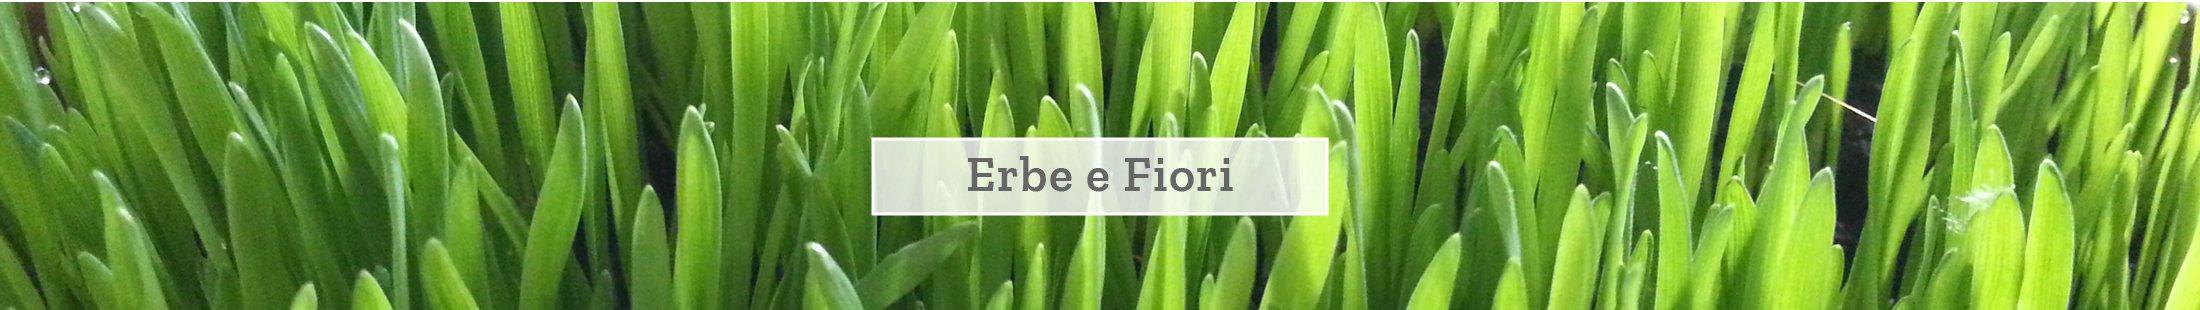 Erbe e fiori